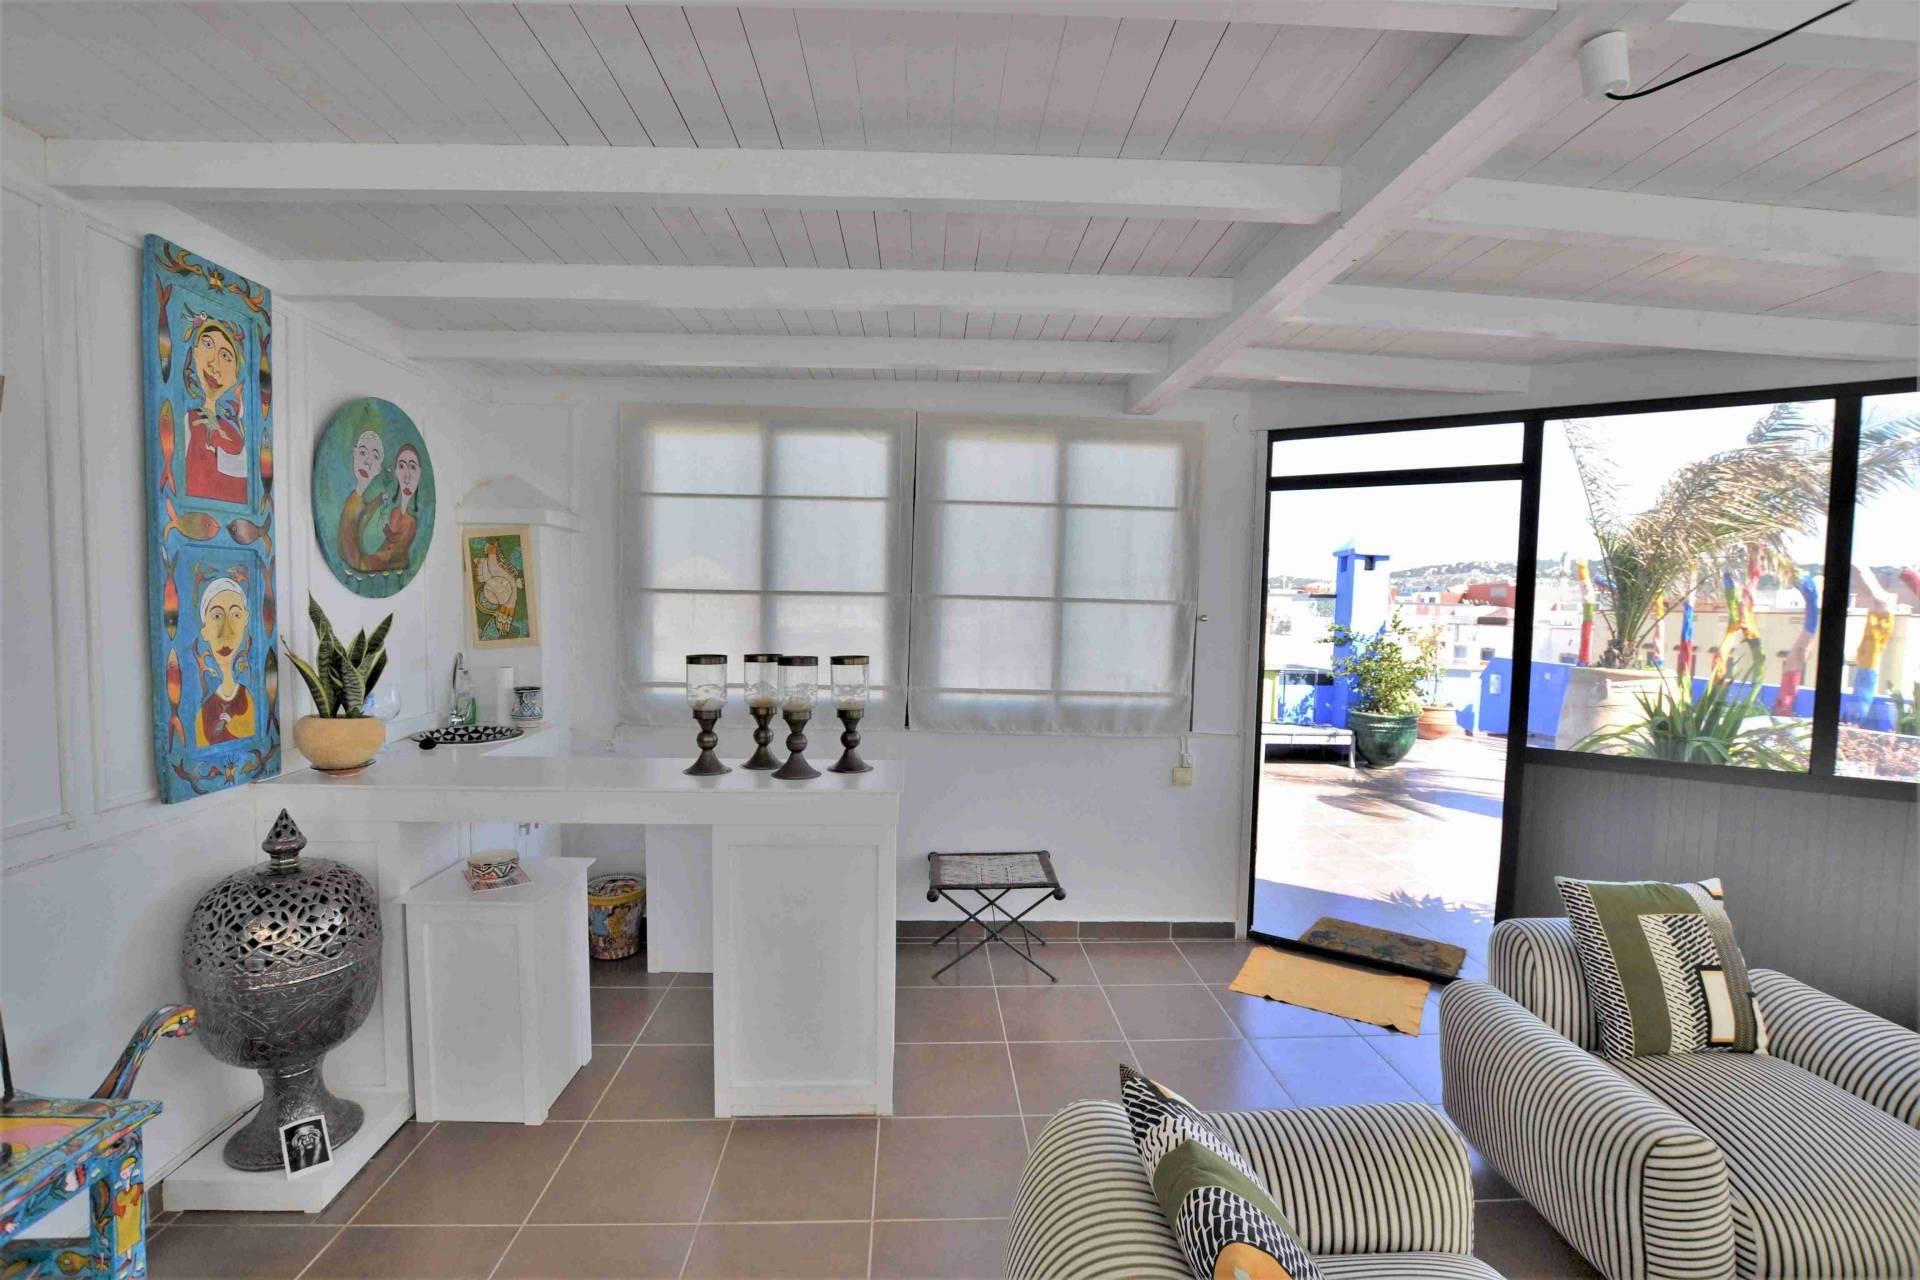 Vente - Appartement - Nouvelle-Ville - 70 m² - 120000 € - Essaouira - 9319